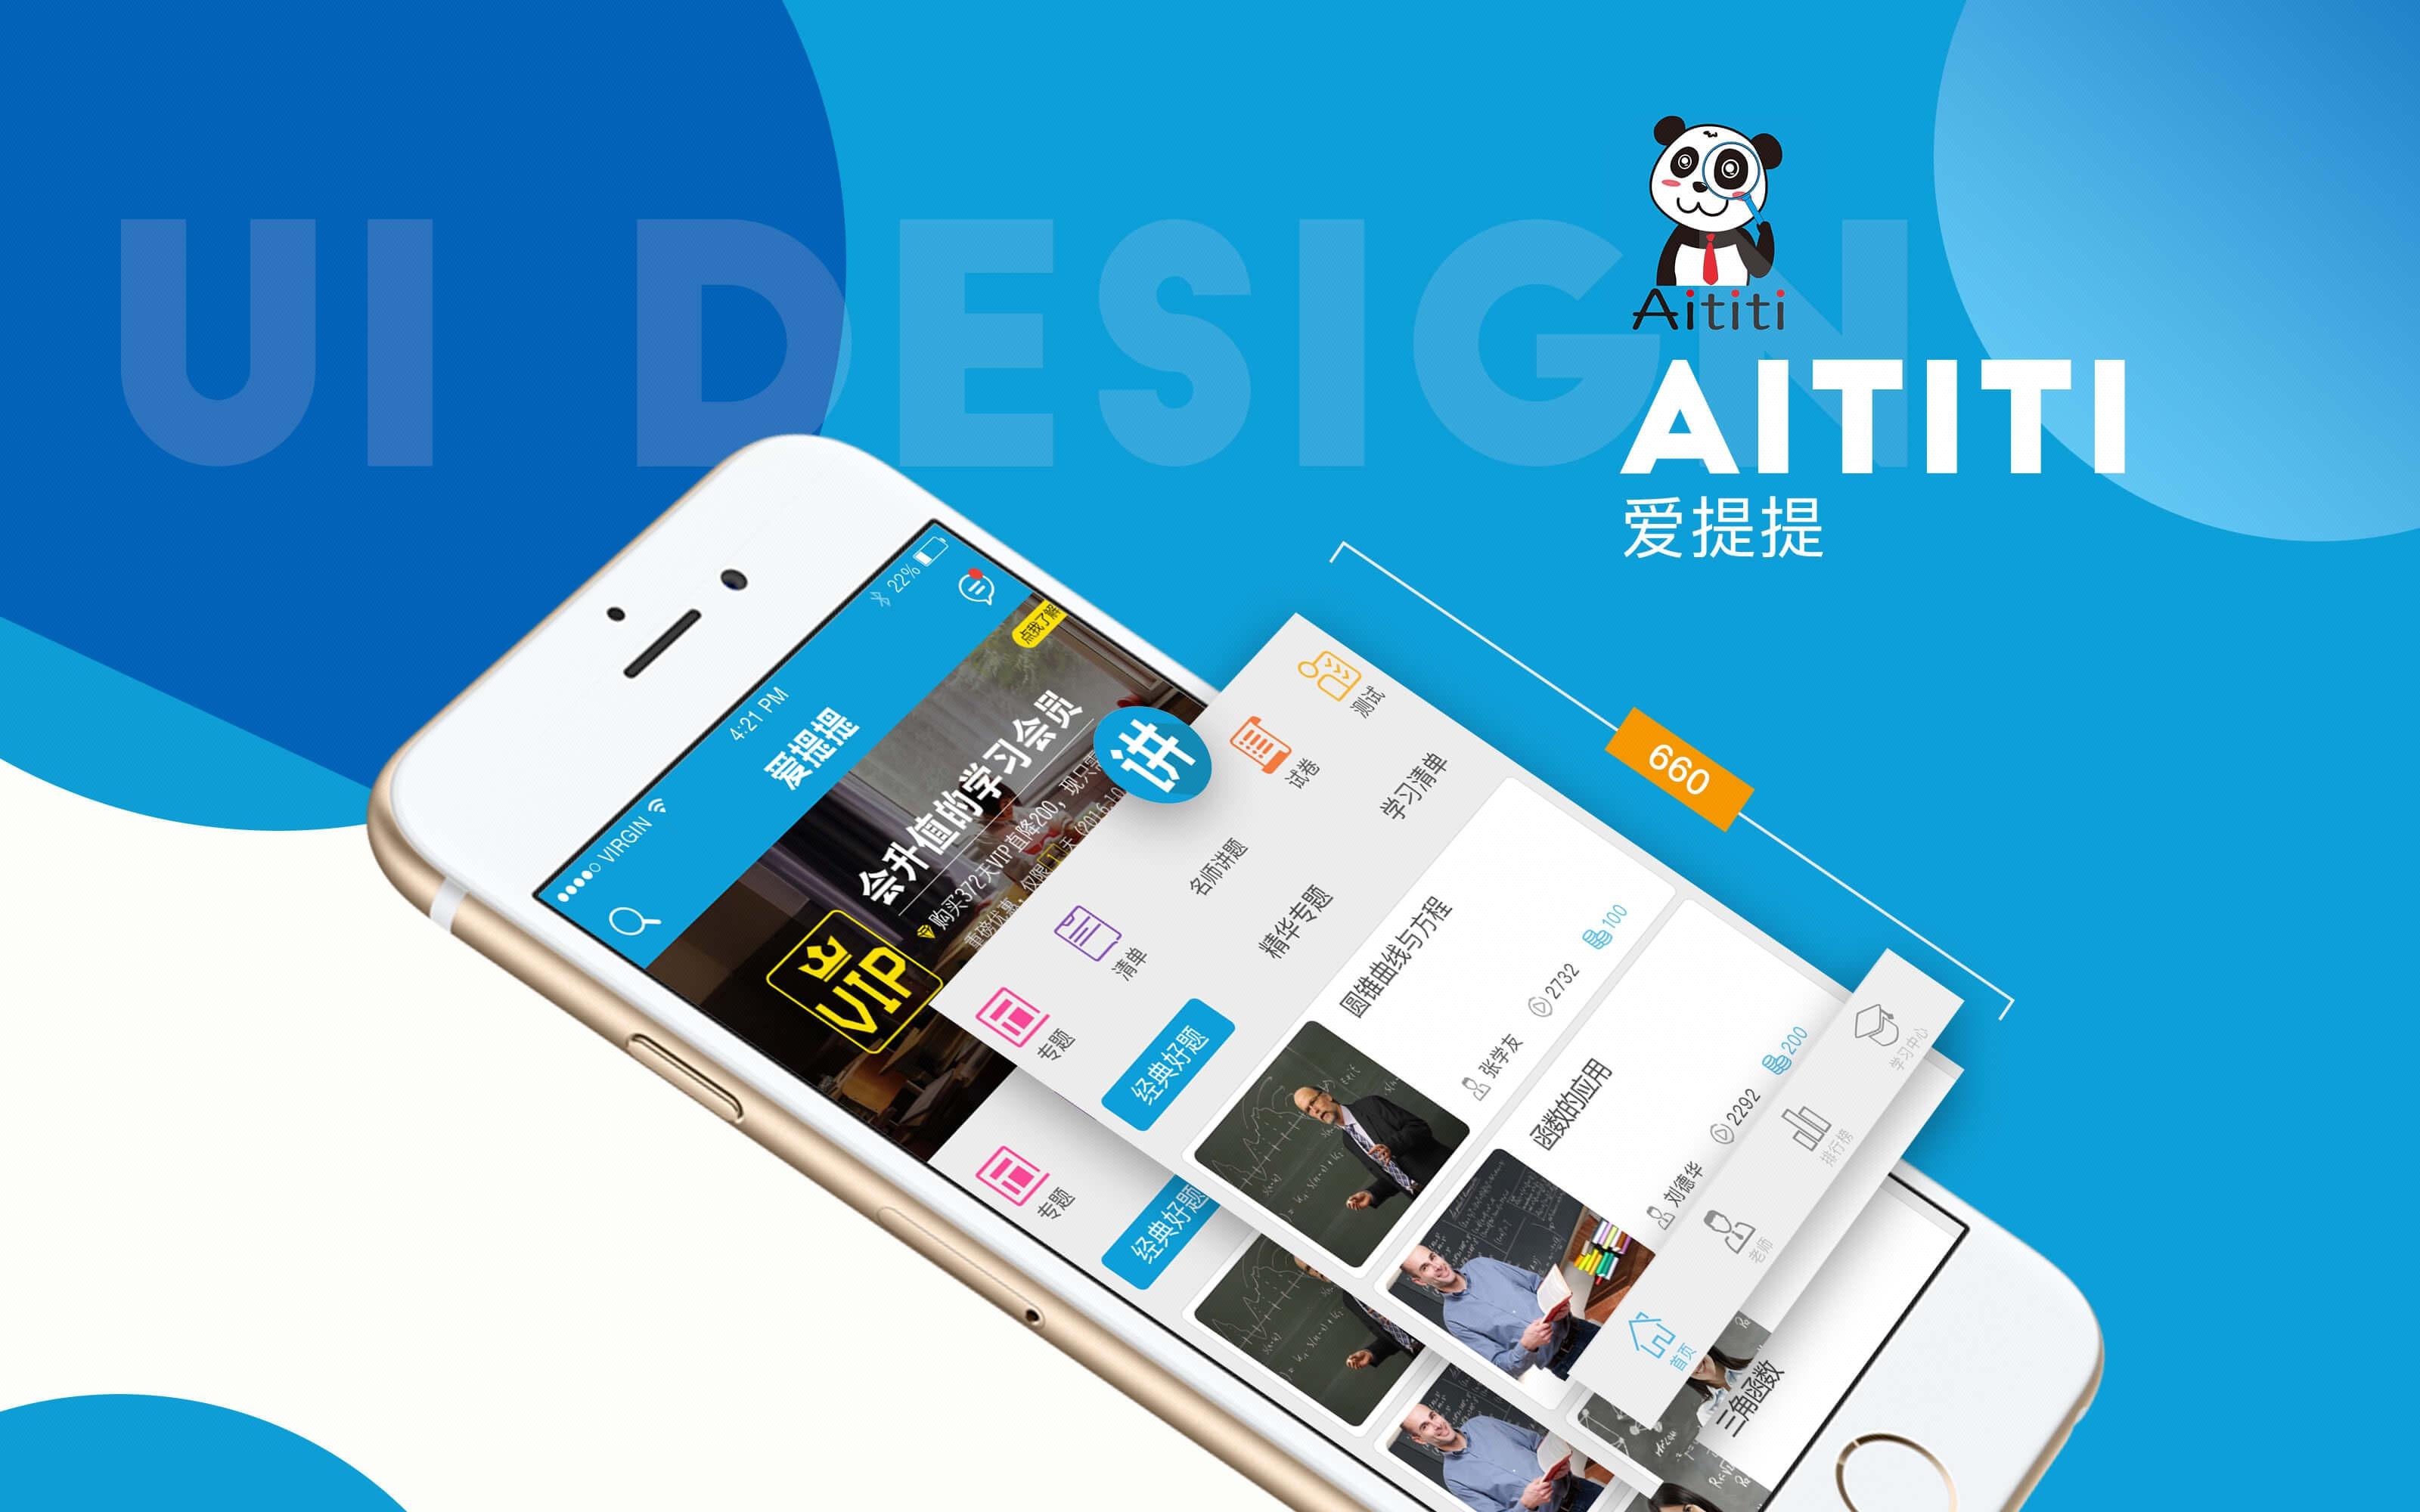 APP快速设计 高端 设计师1对1服务 简约 科技 风格广州